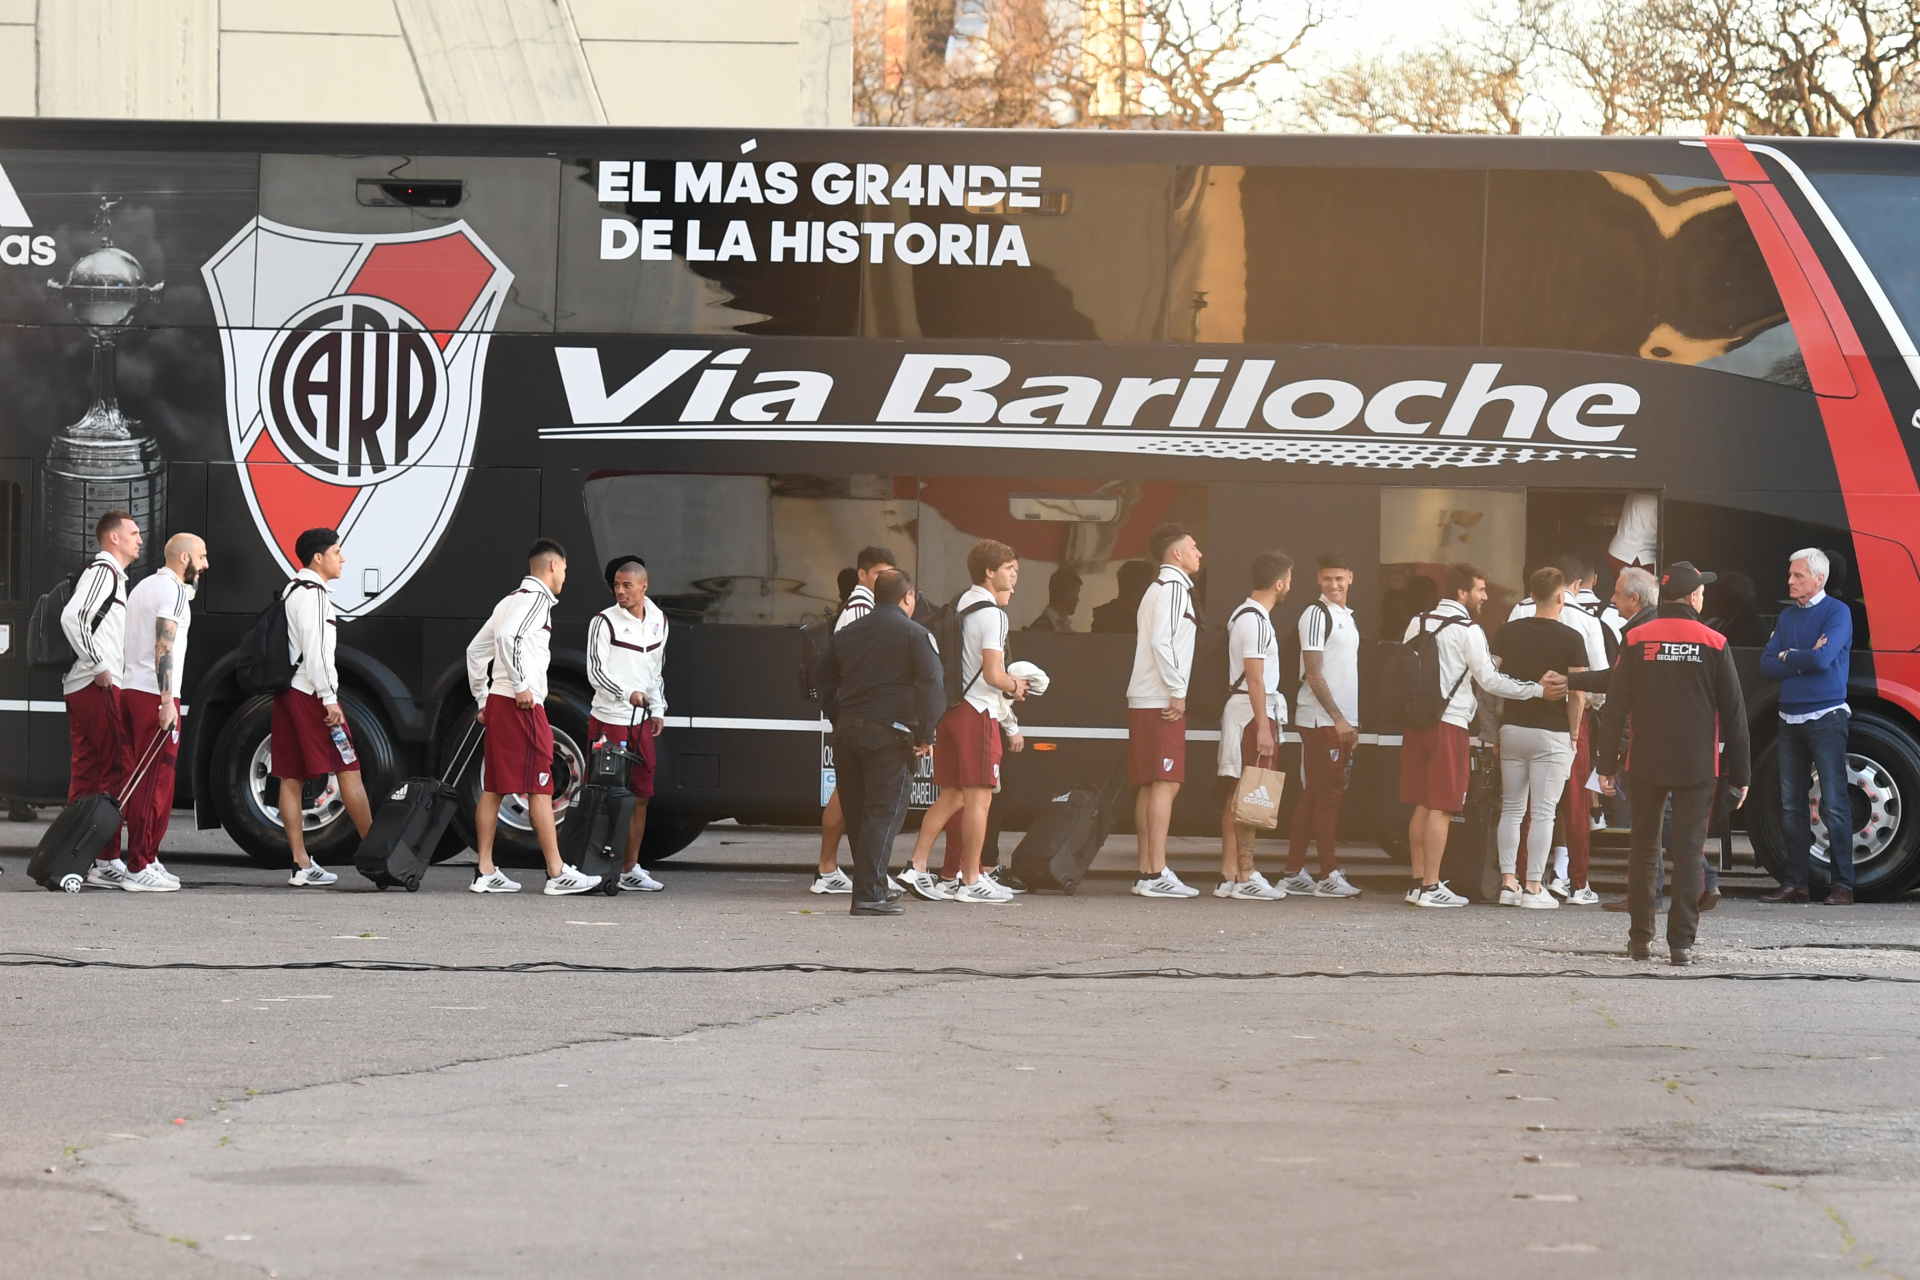 Cerca de la hora de partida, los jugadores salieron para saludar a la gente y subirse al vehículo